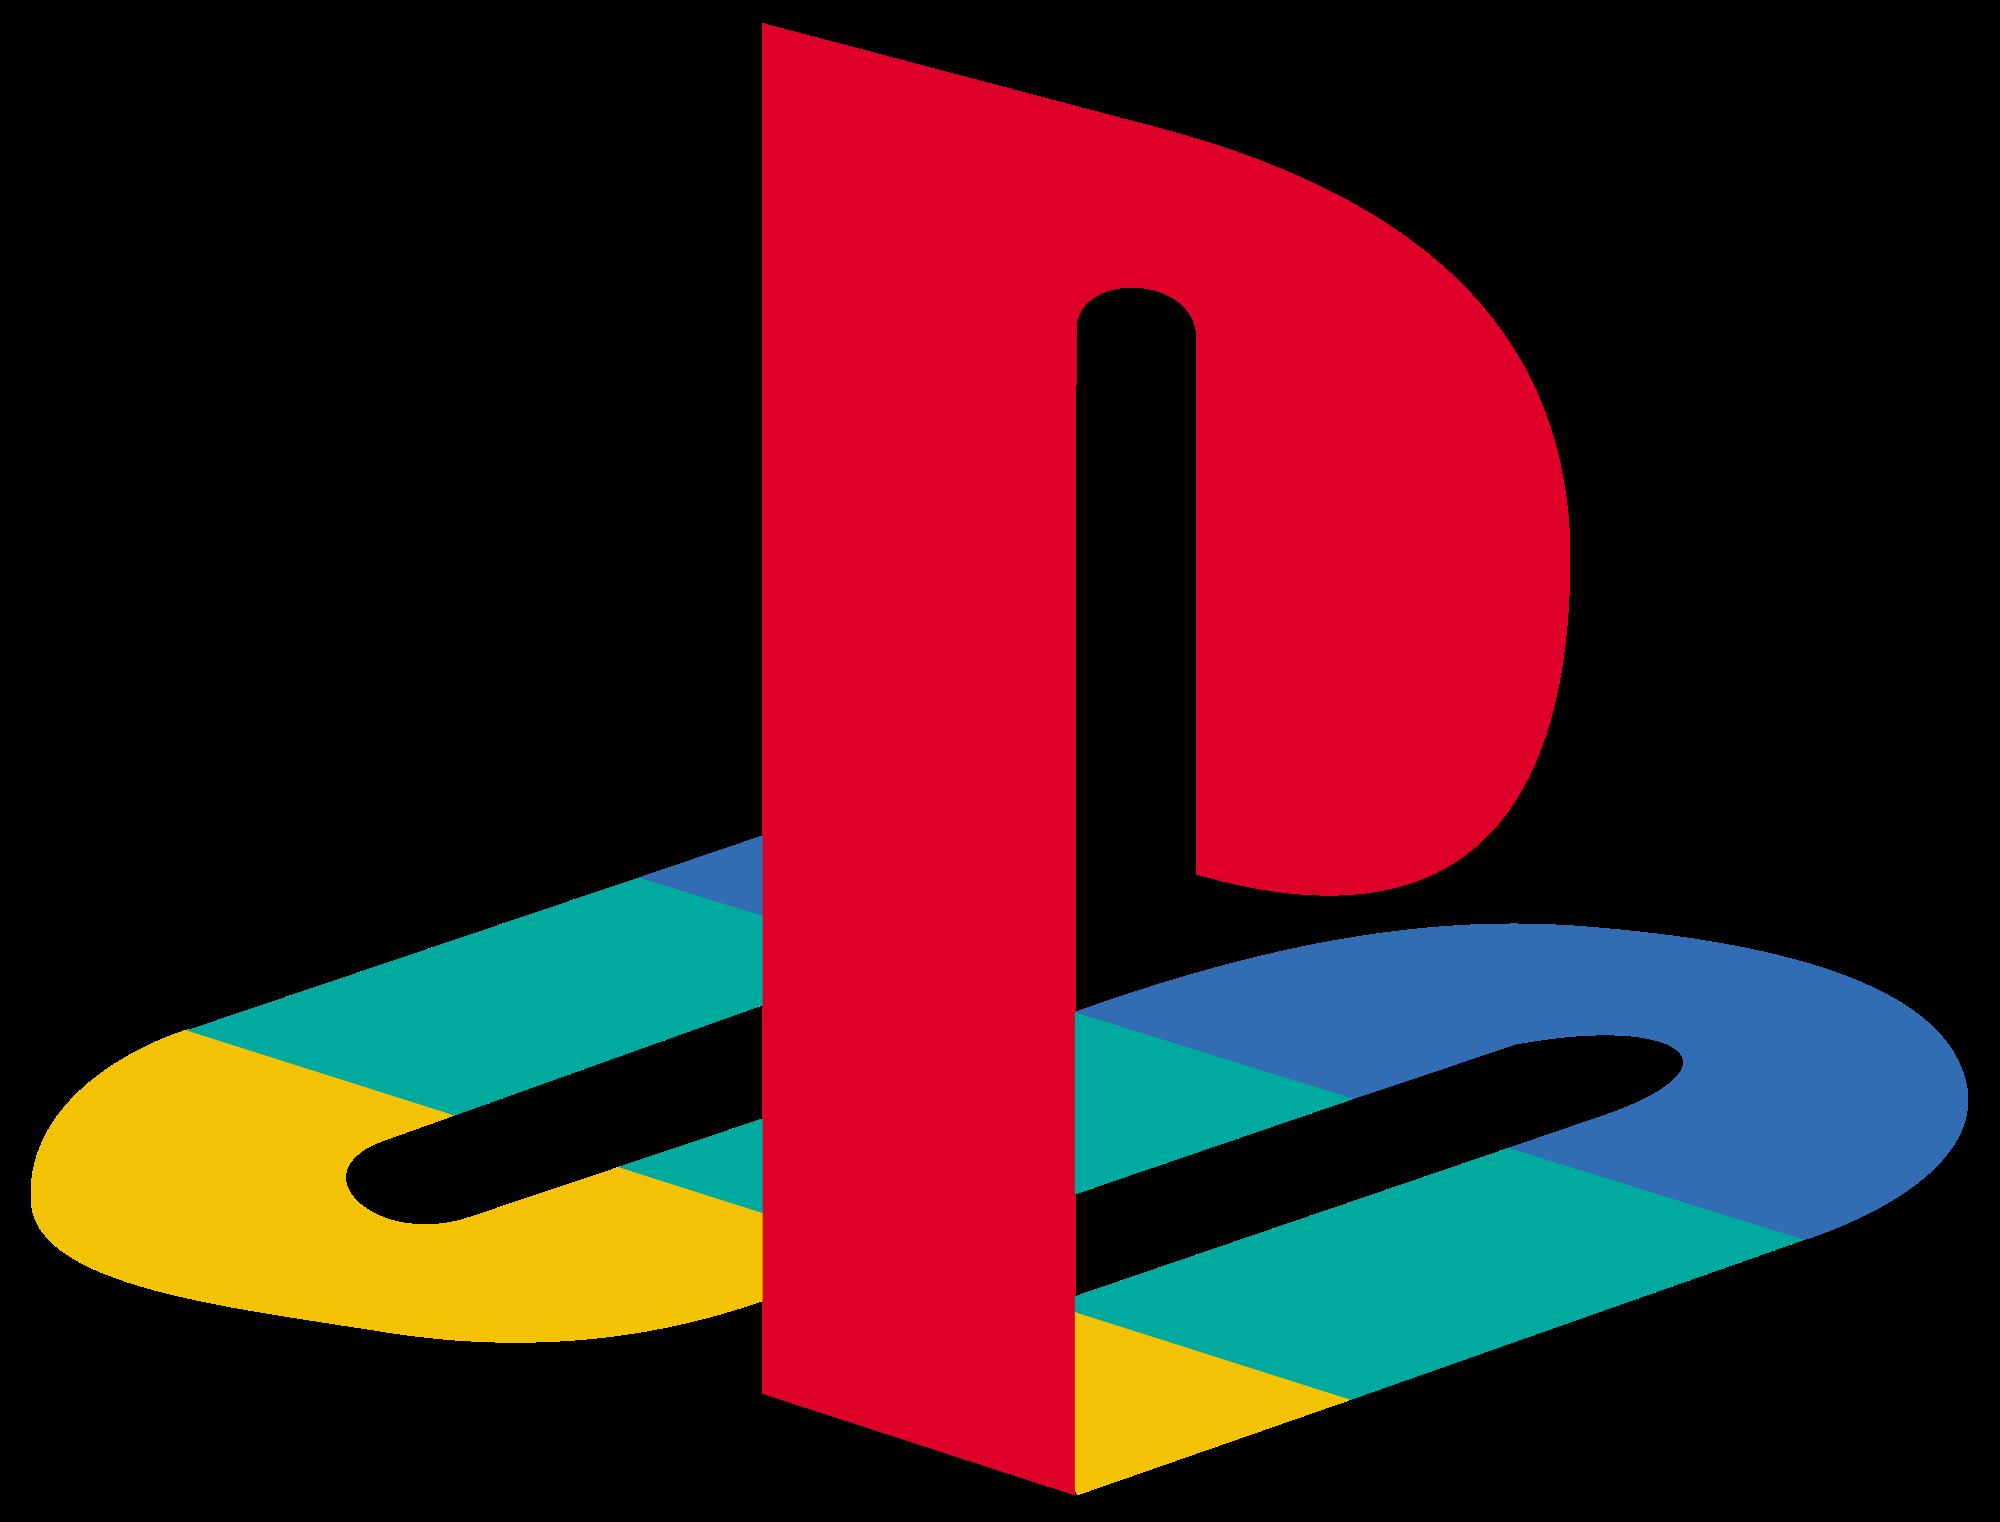 image logo png